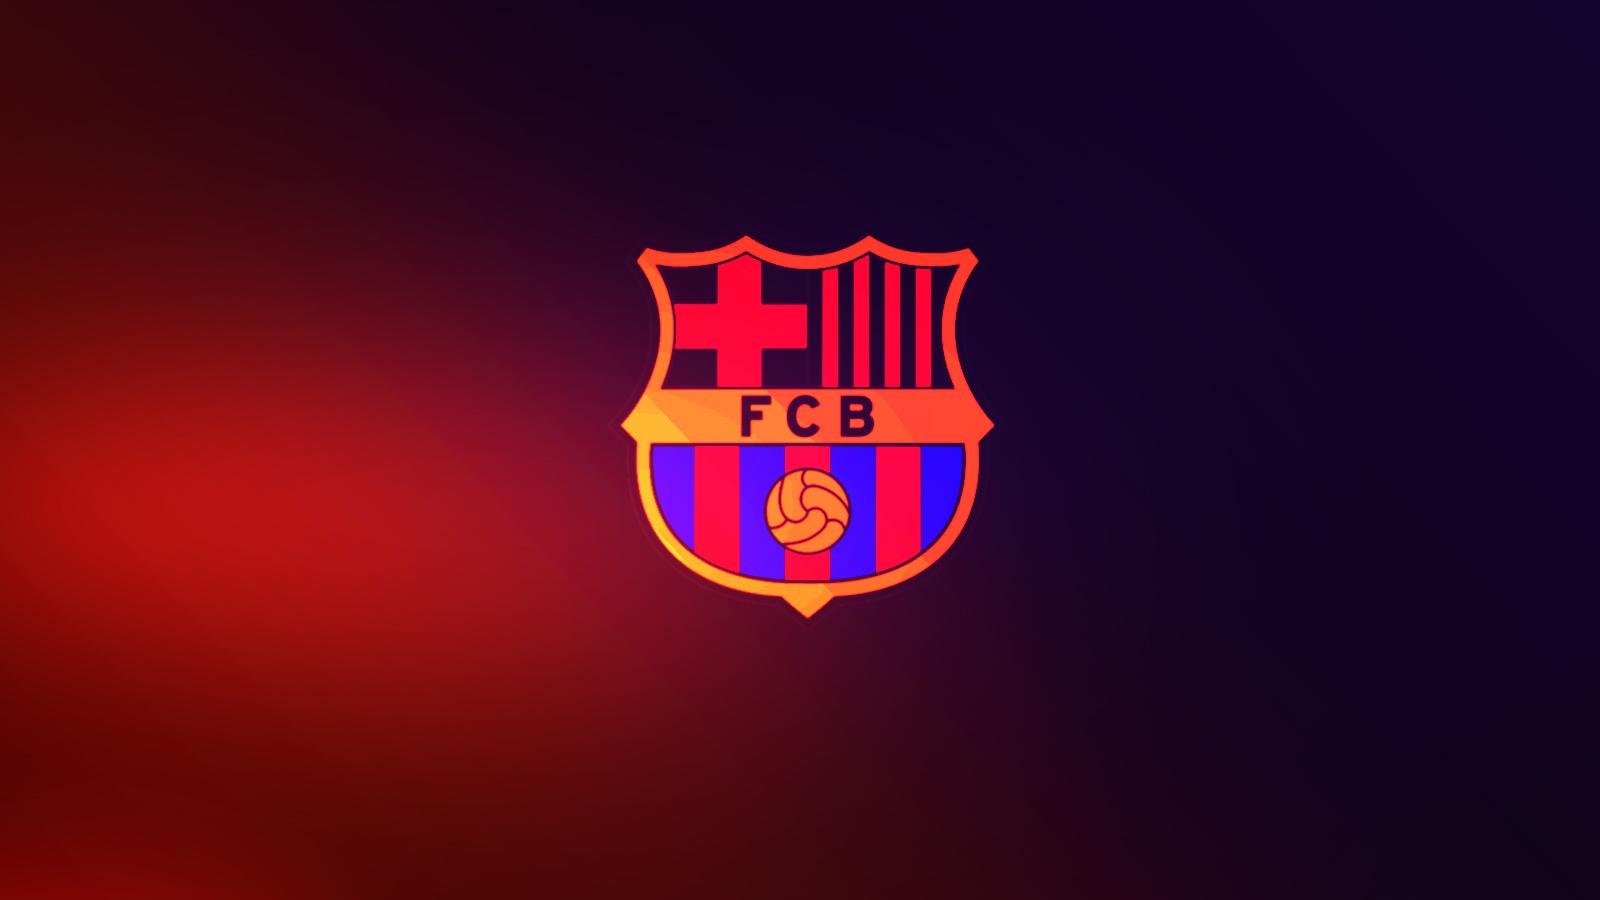 Free Download Barcelona Jpeg V92 Pictures Fv 1600x1200